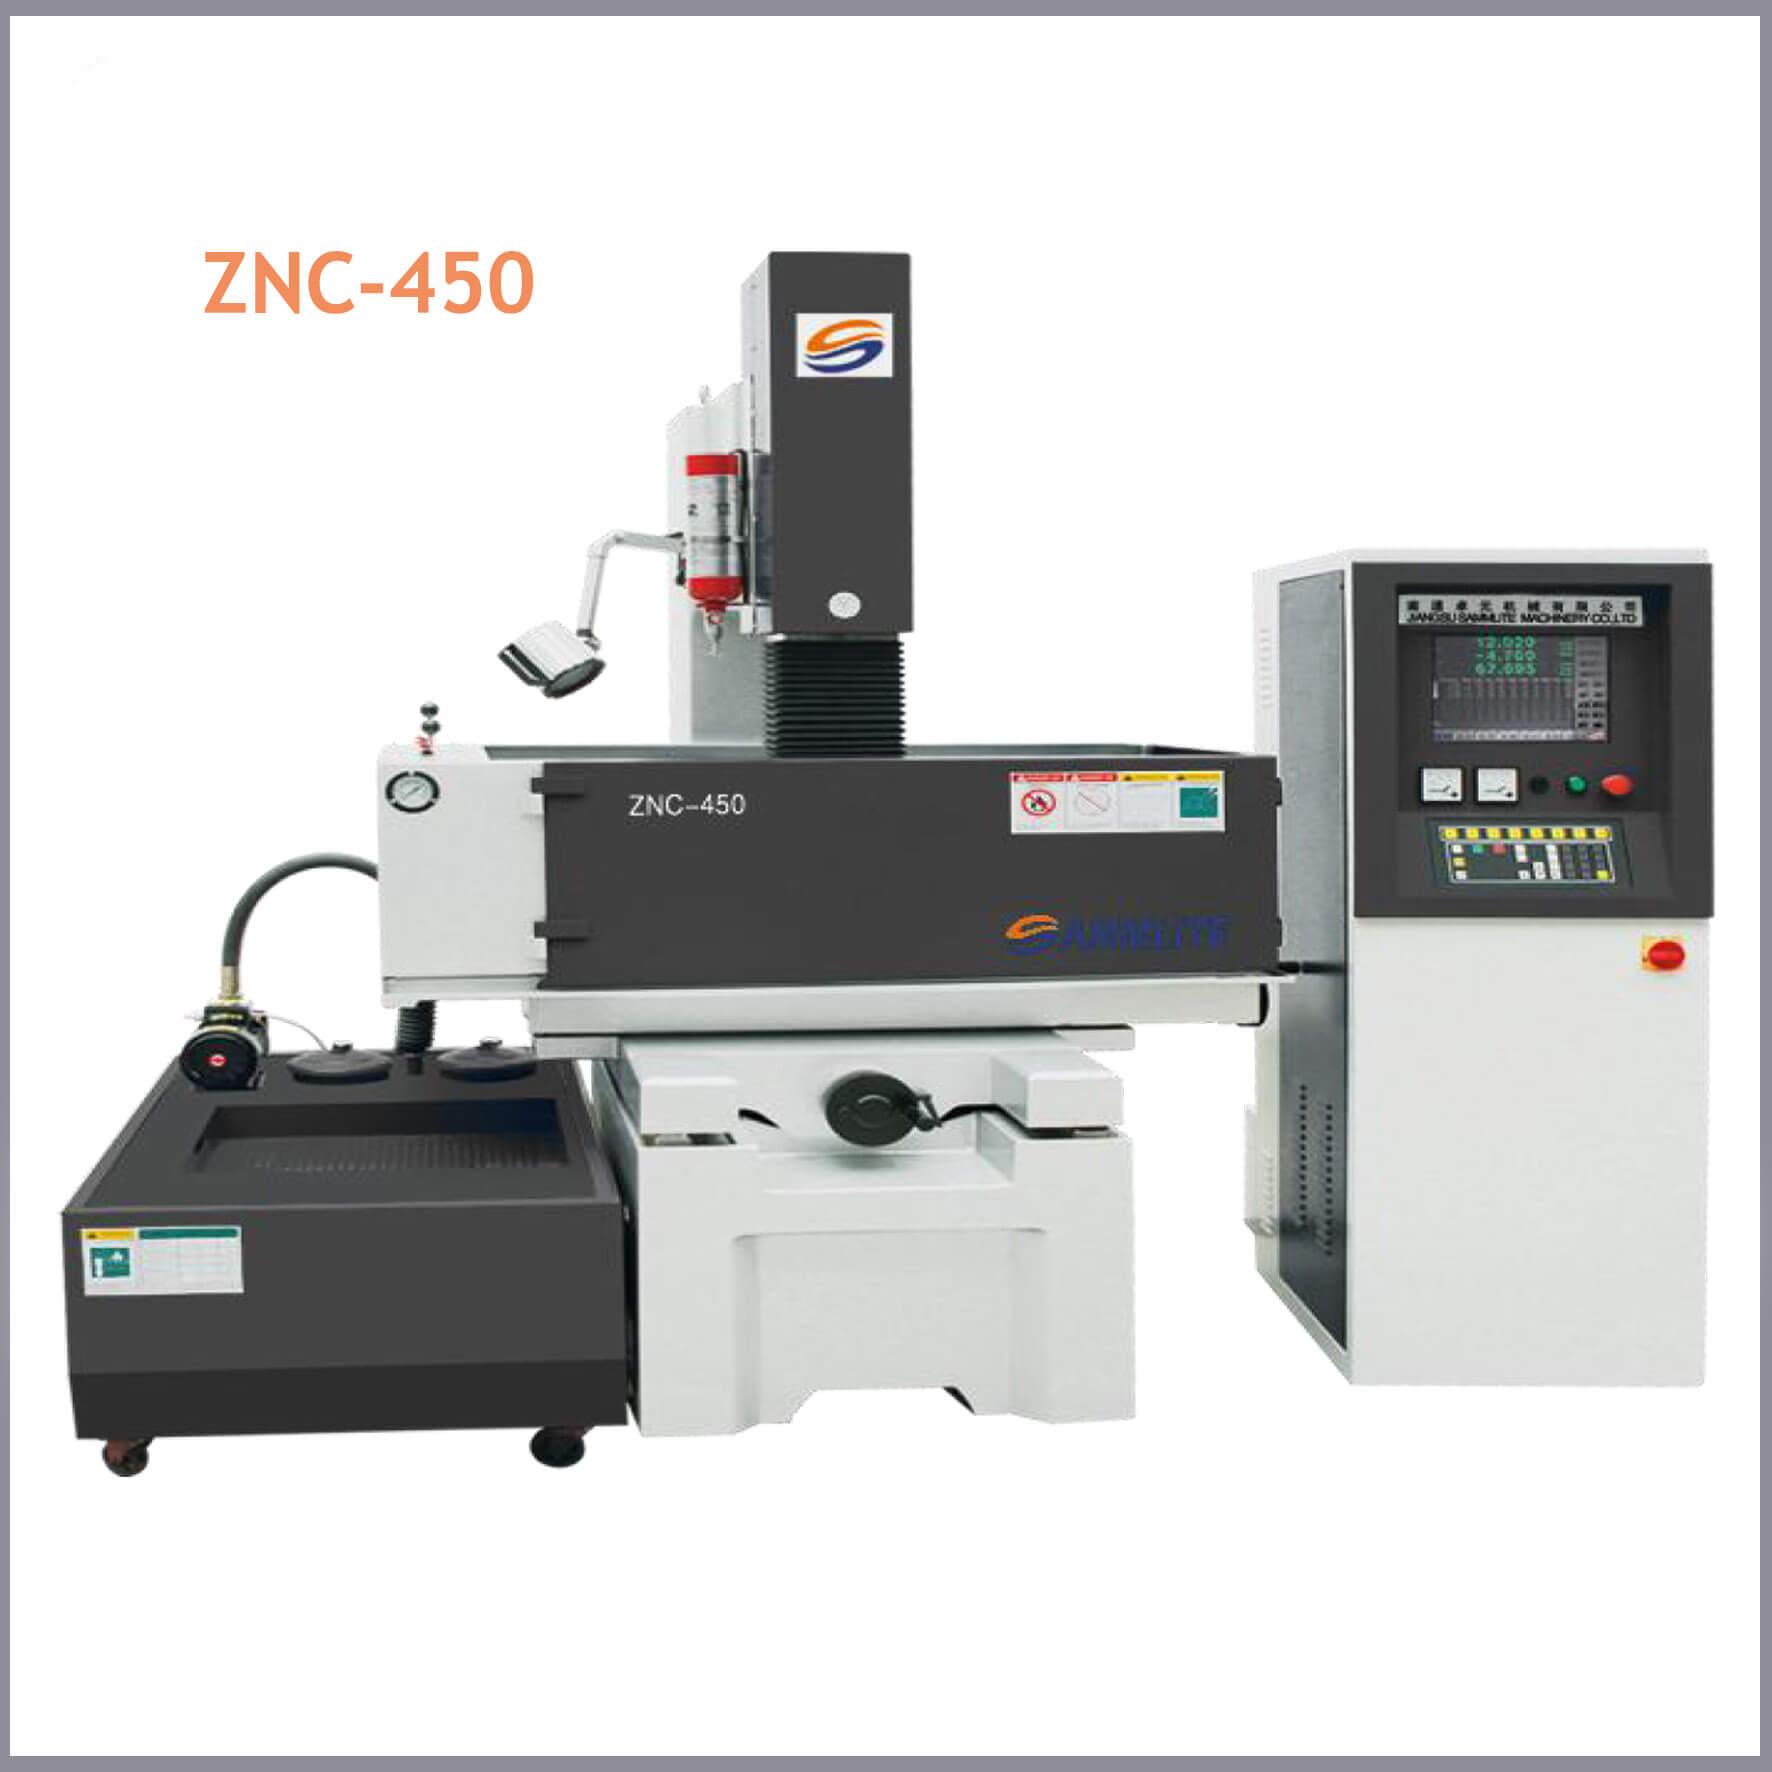 ZNC450 Dalma Erozyon Tezgahı